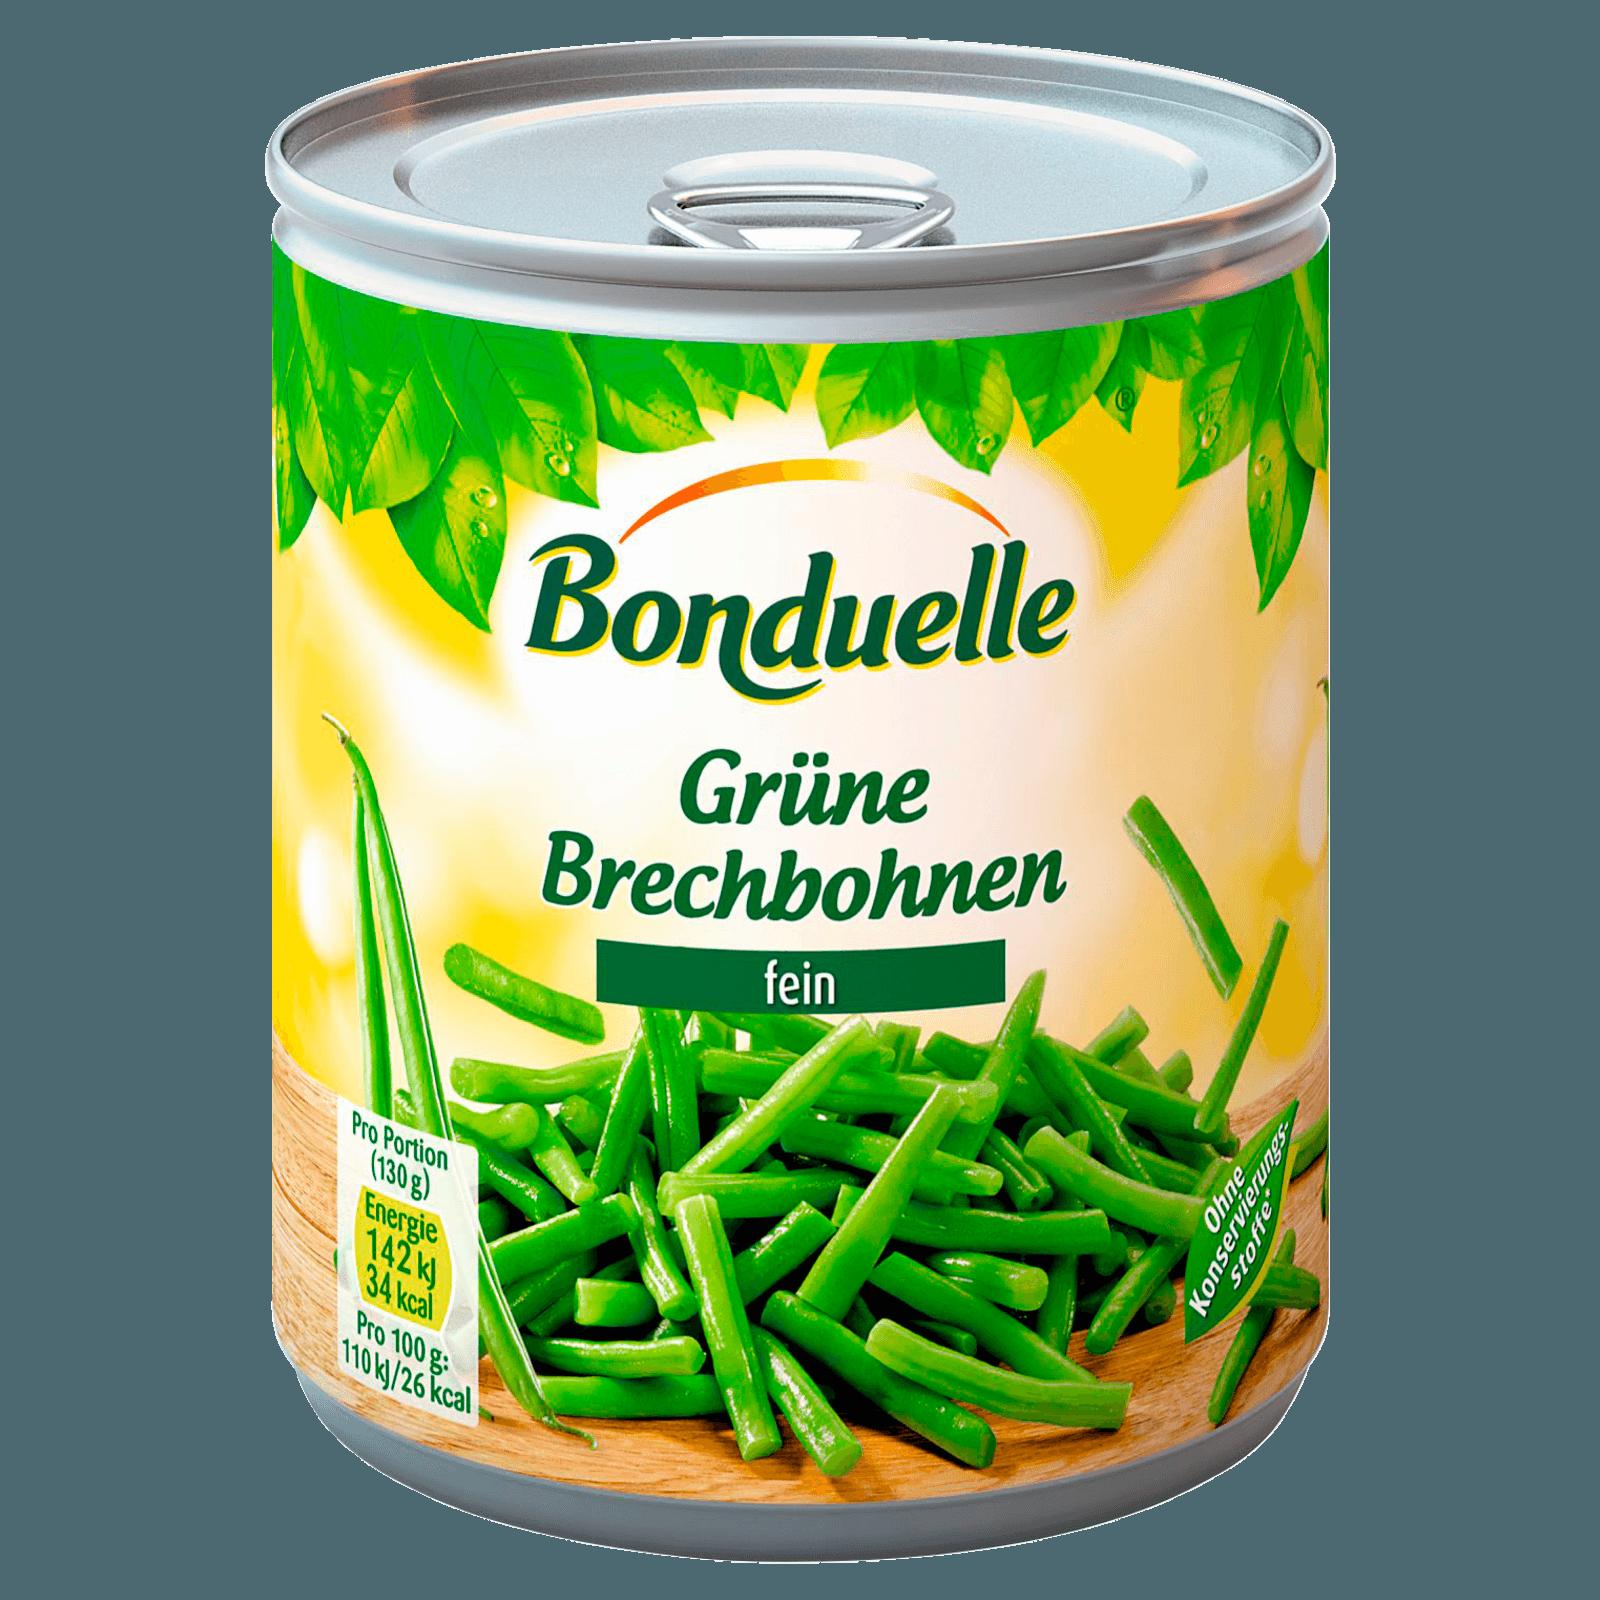 Bonduelle Grüne Brechbohnen fein 455g